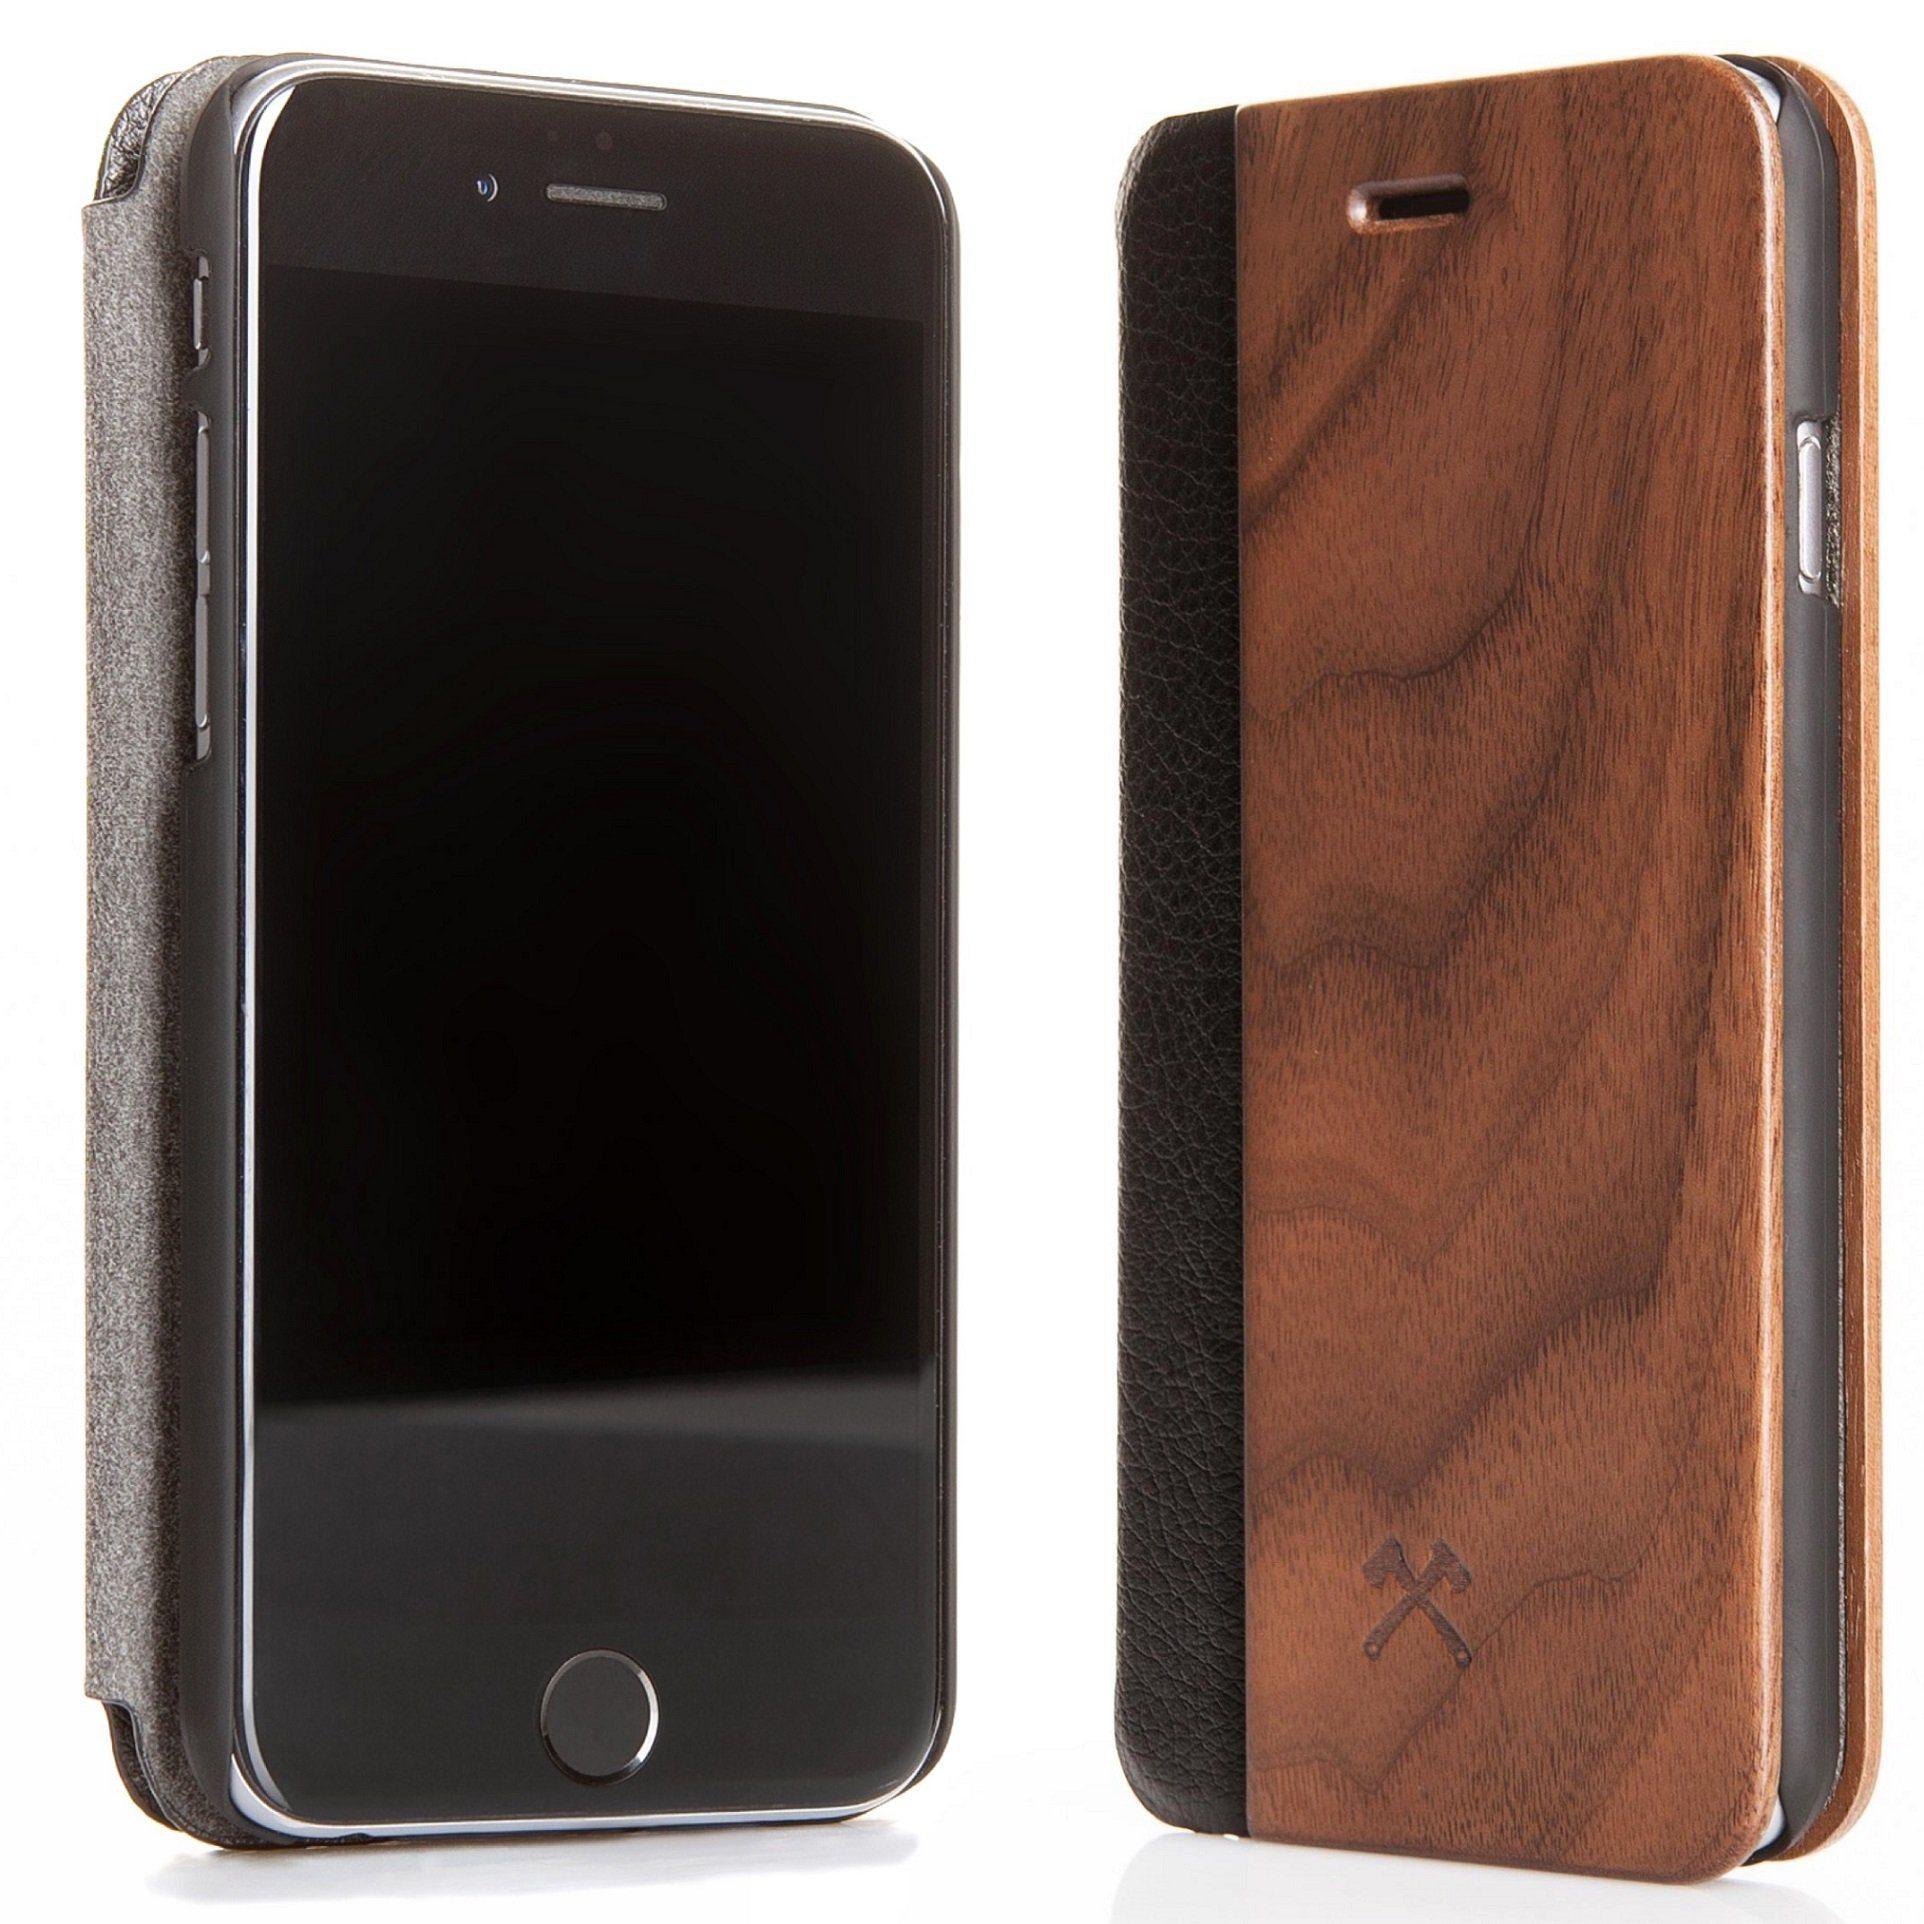 Woodcessories EcoCase iPhone 7 Plus Echtholz Case - Walnuss